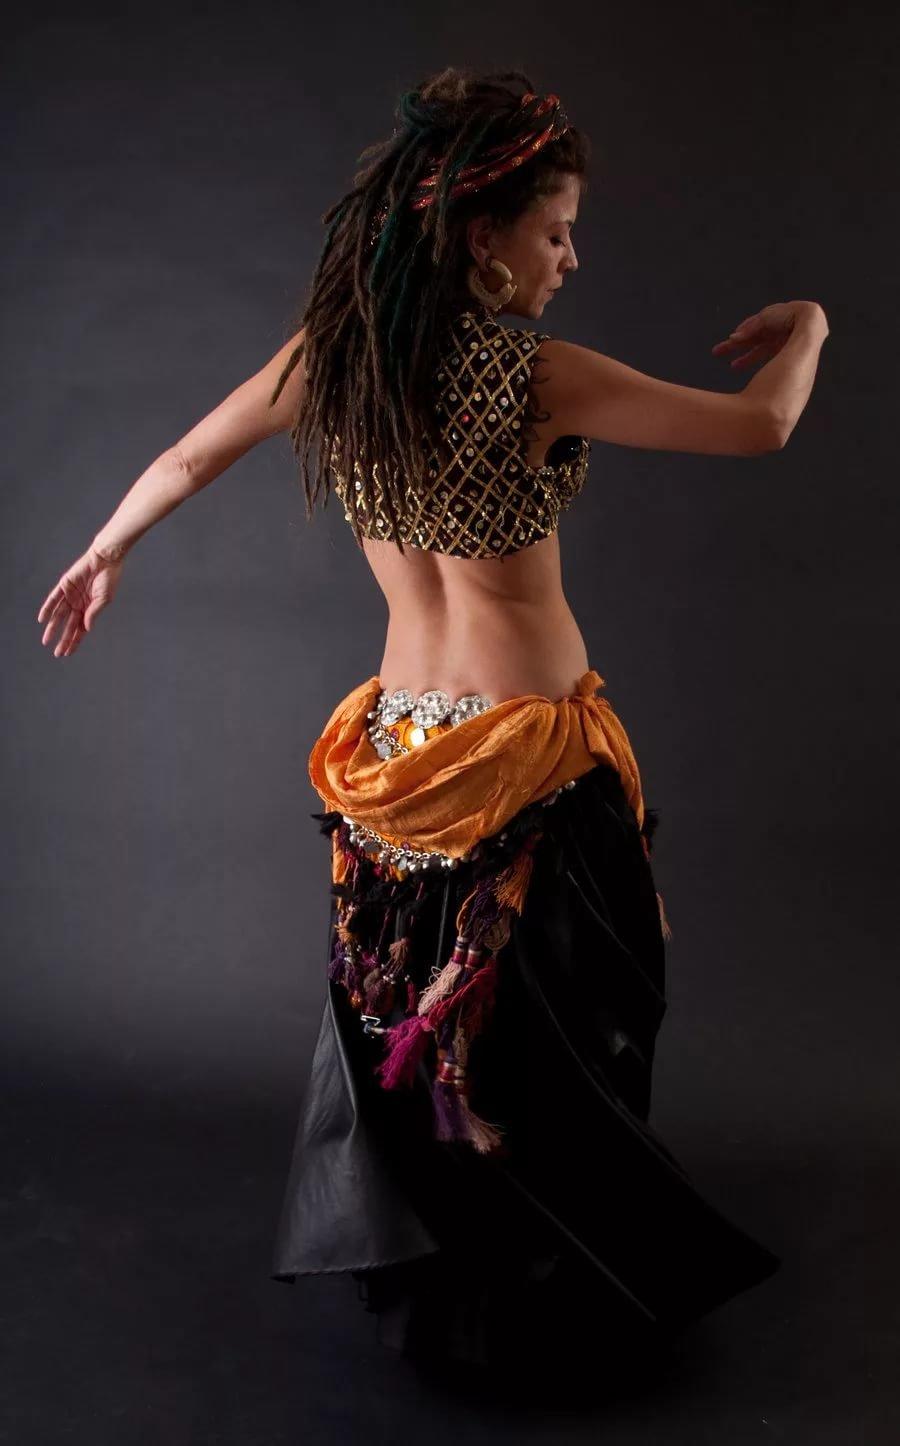 Смотреть фото девушек танцующих танец живота